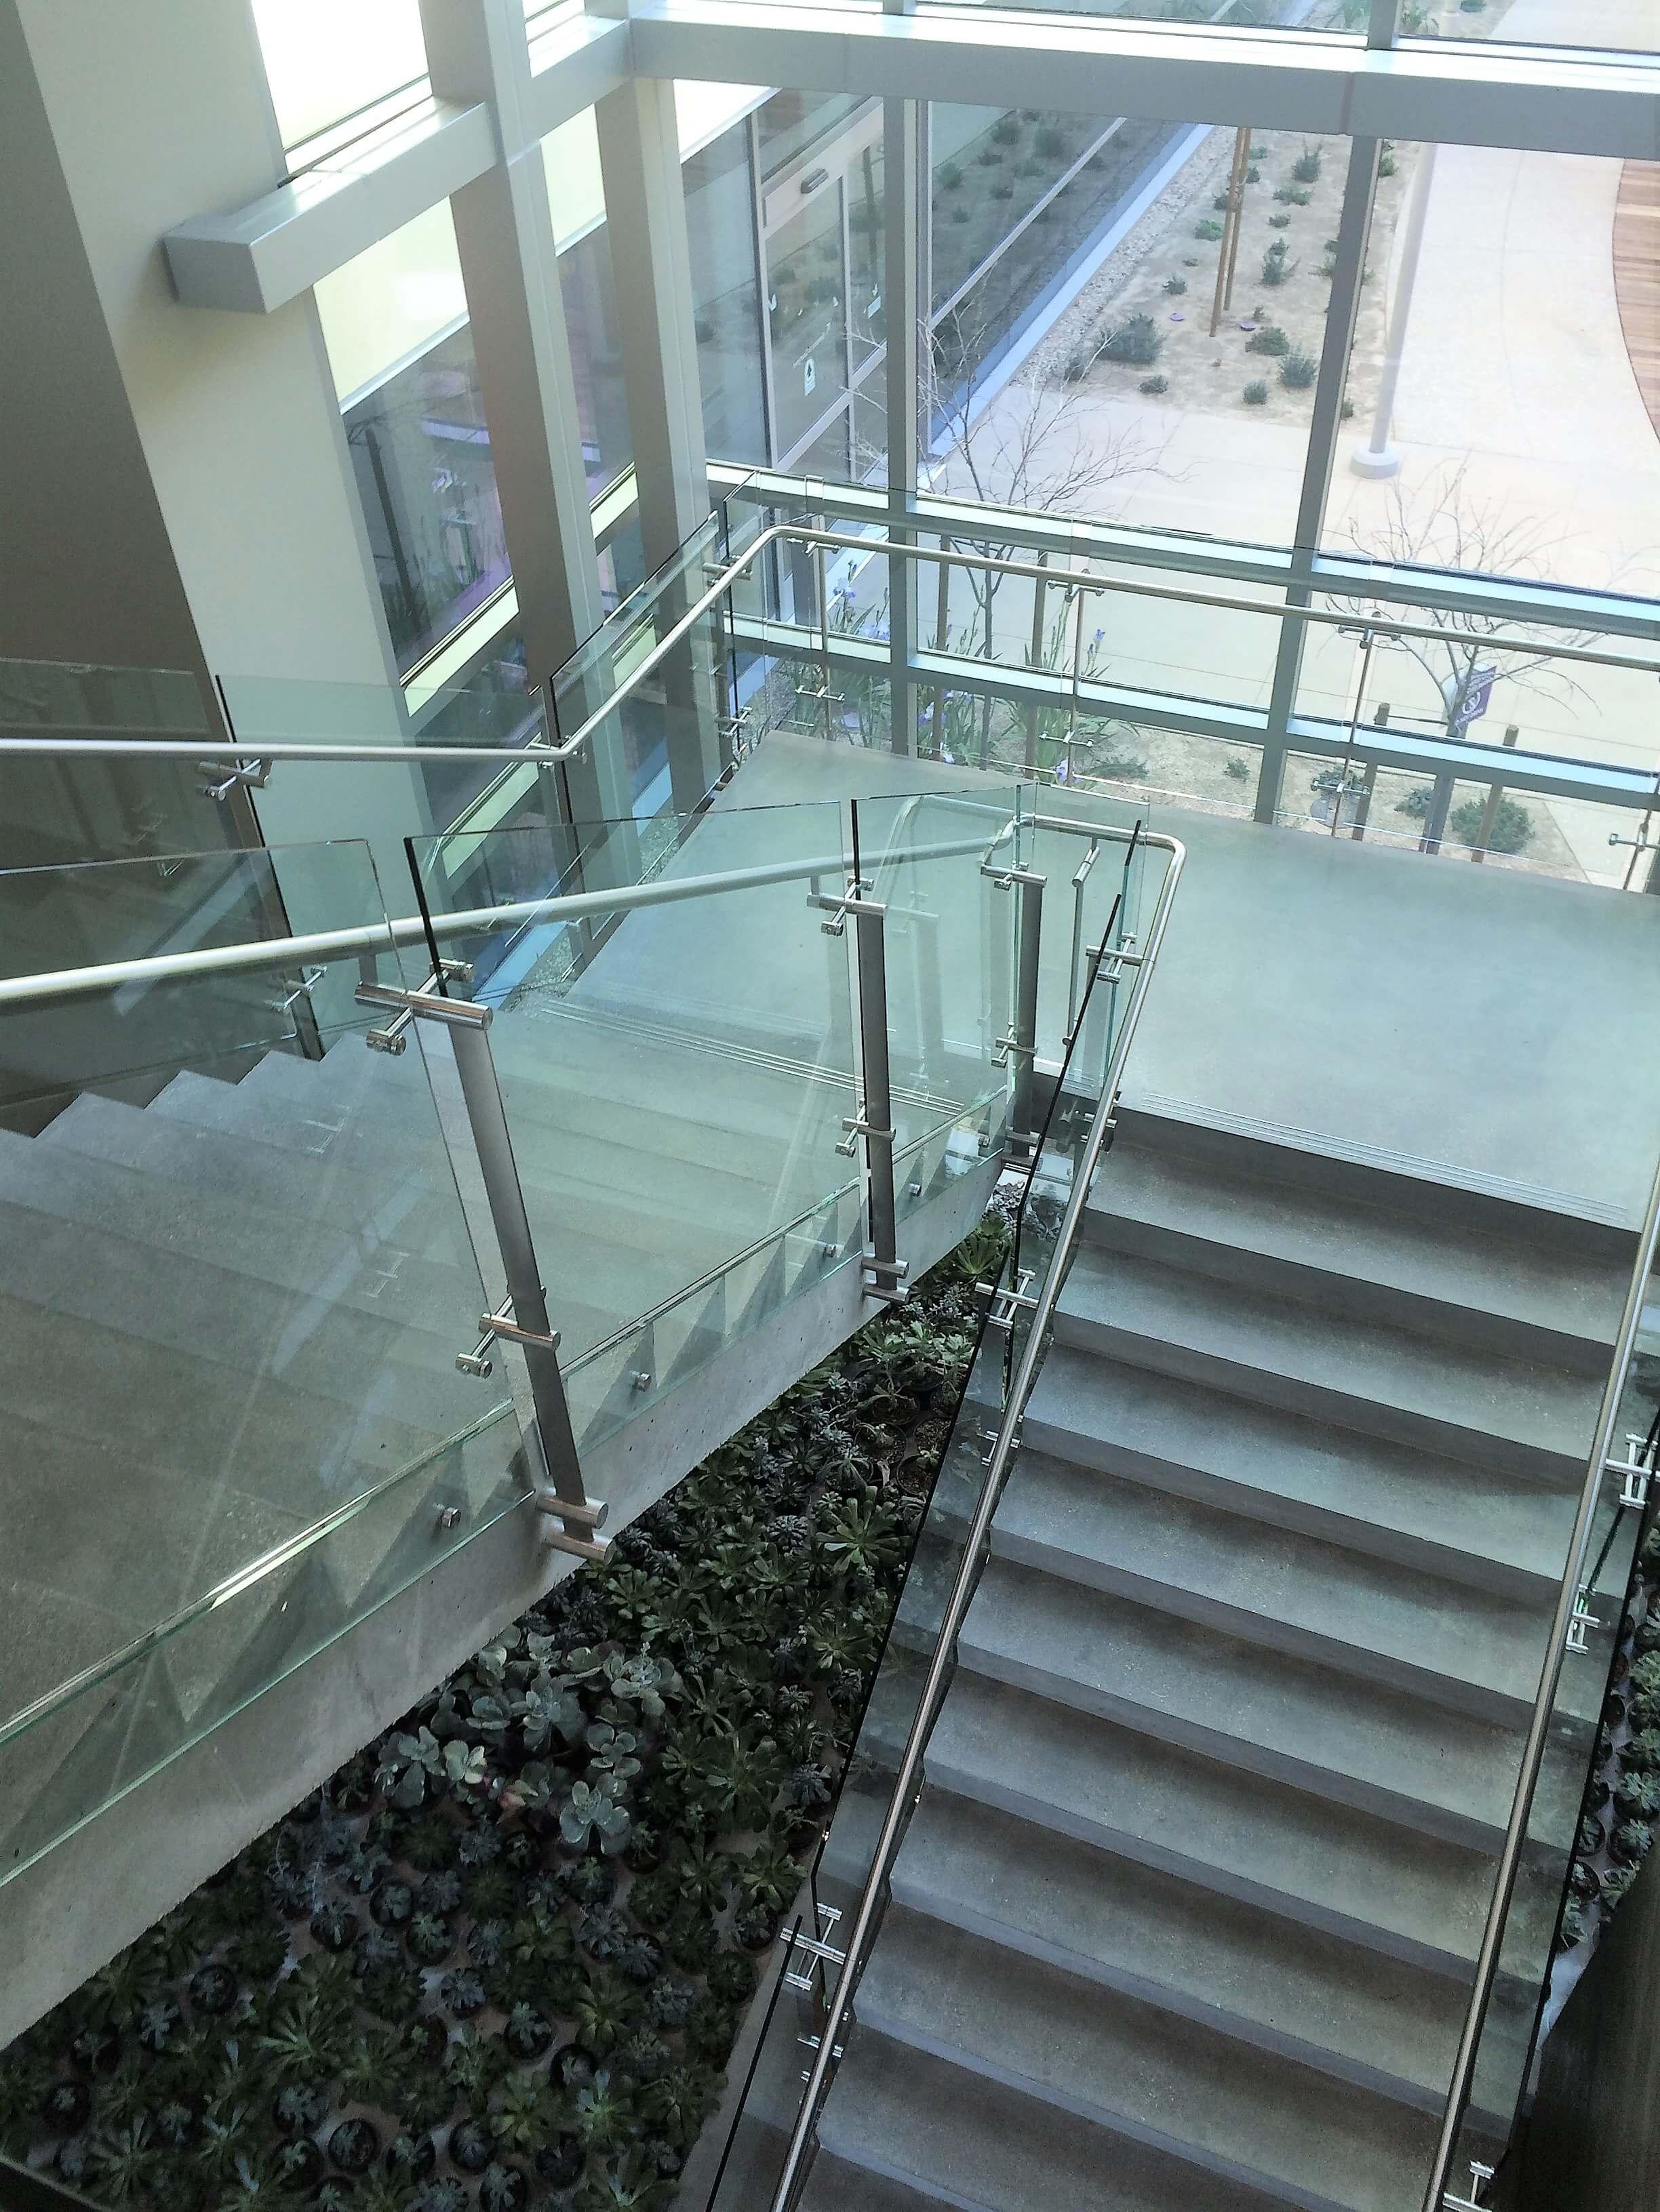 Kubit Glass Railing At Market Axess Nyc: Konic™ Photo Gallery